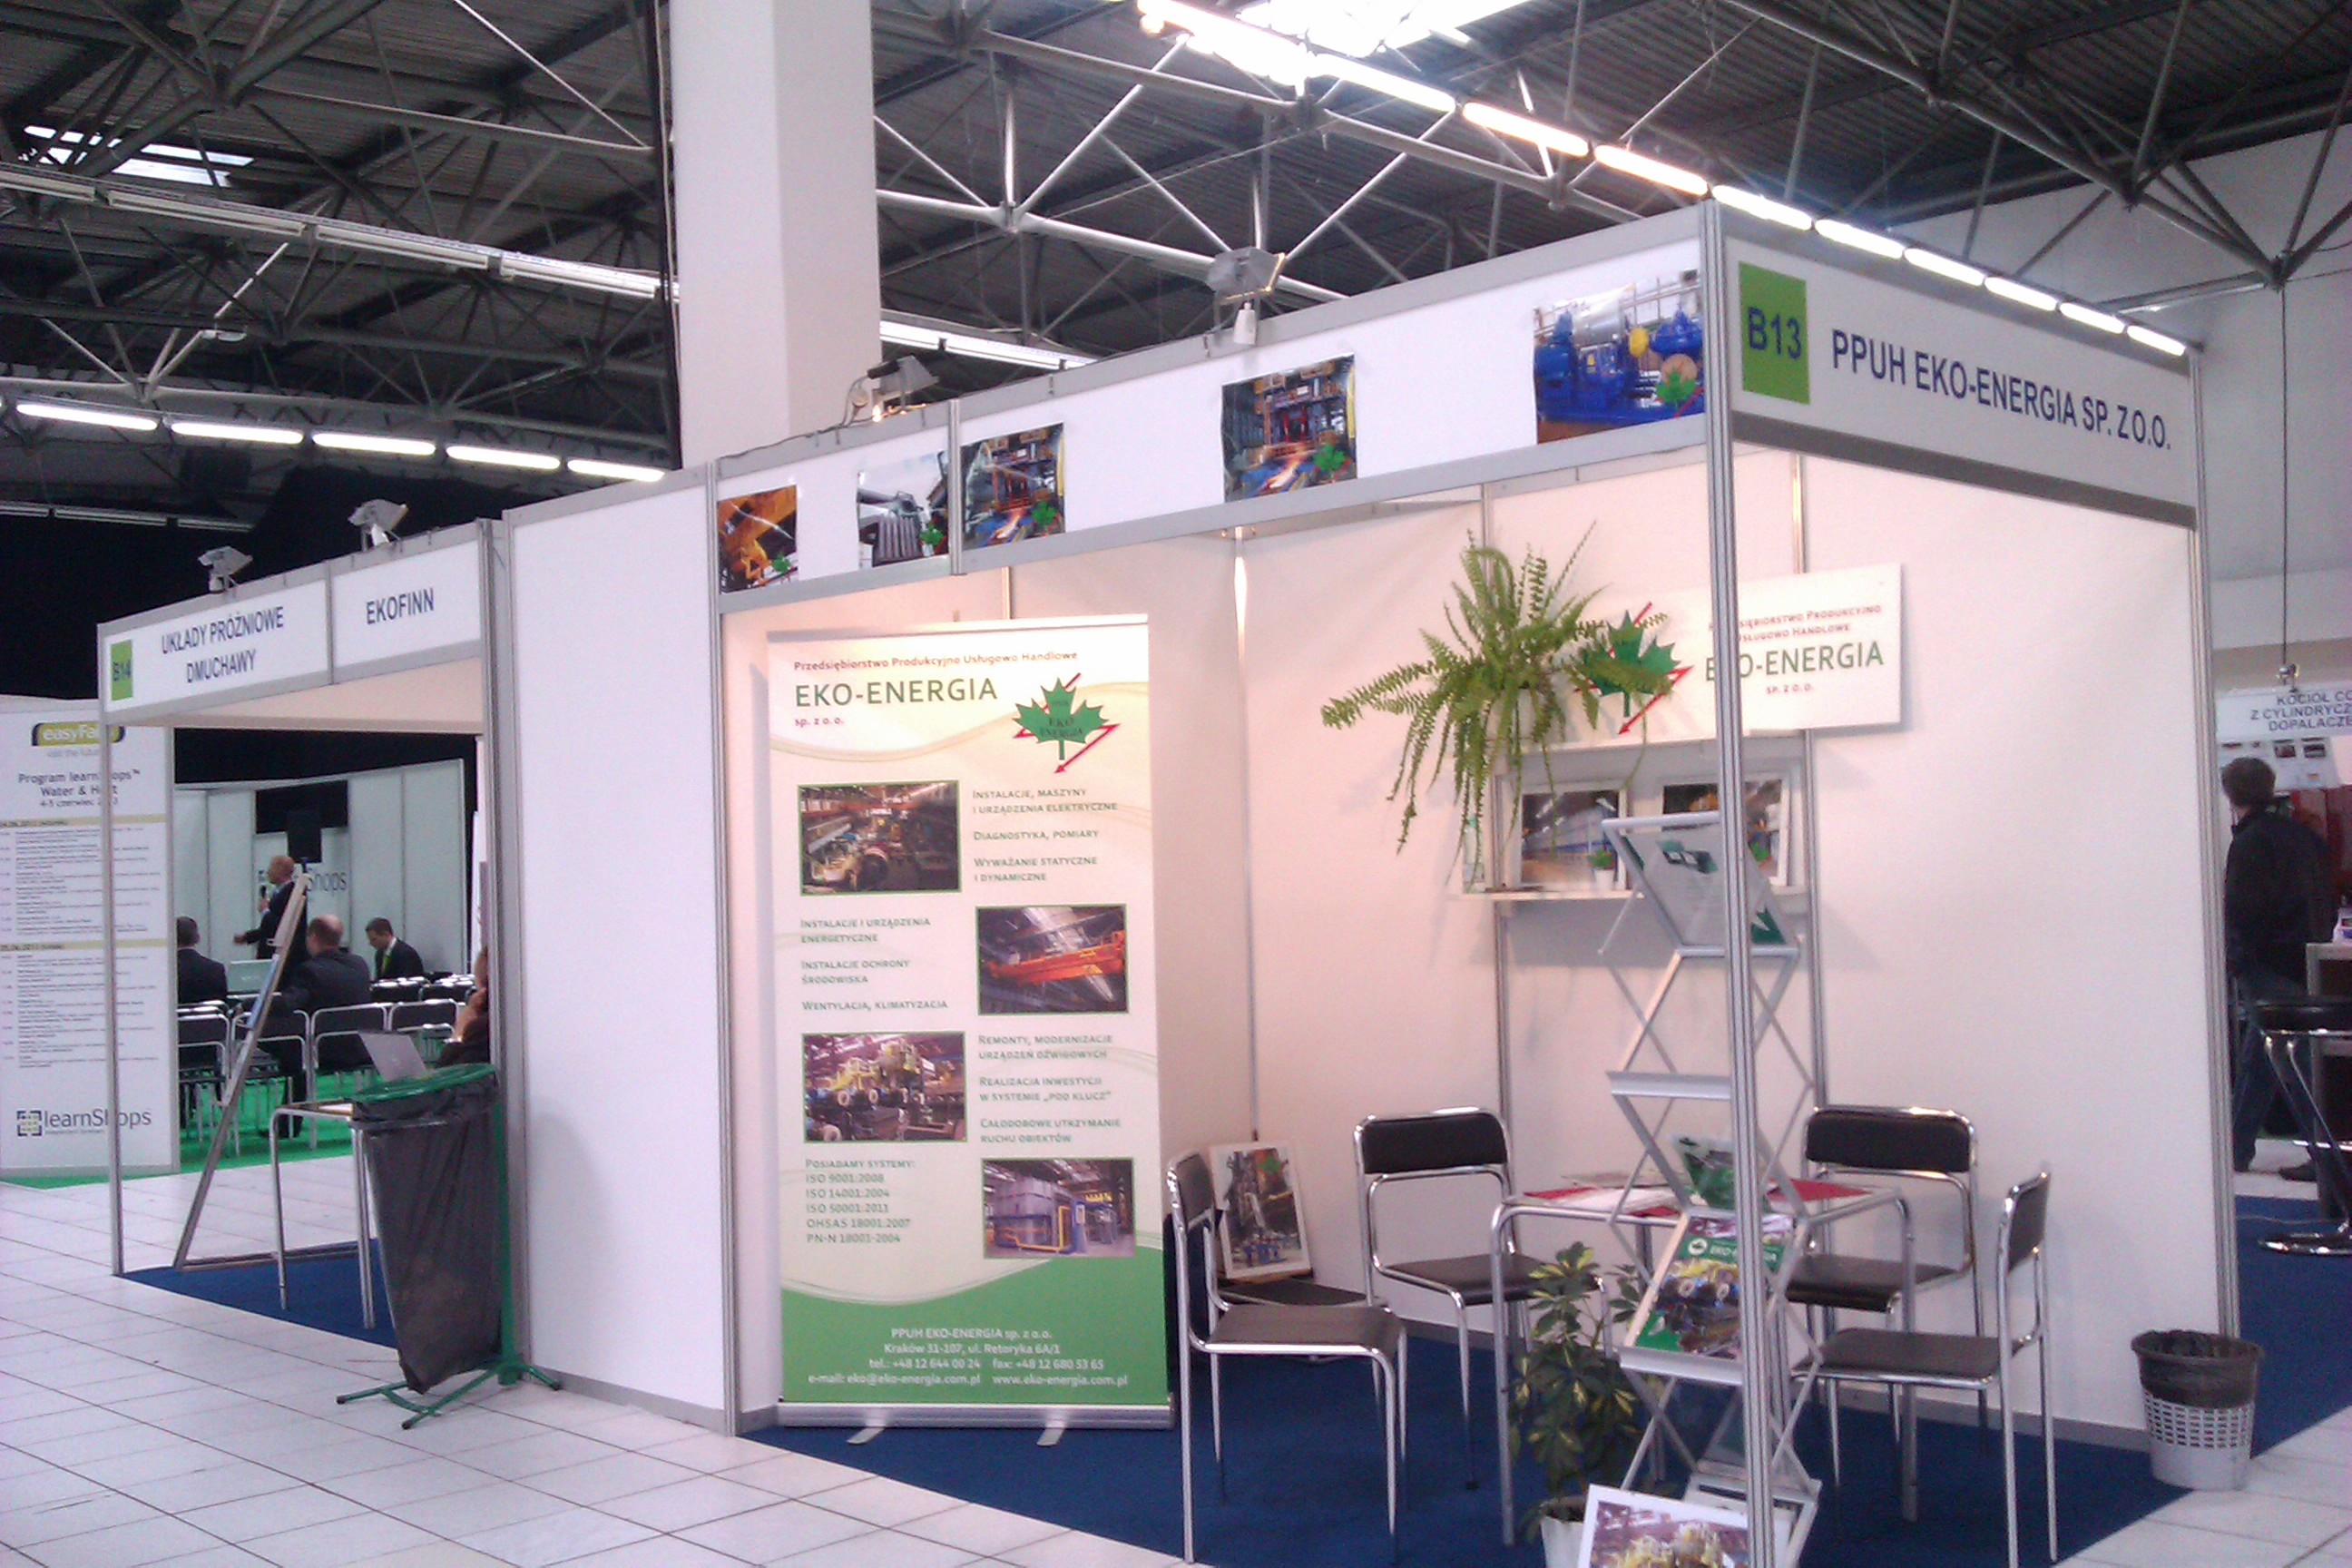 Eko-Energia targi 2013